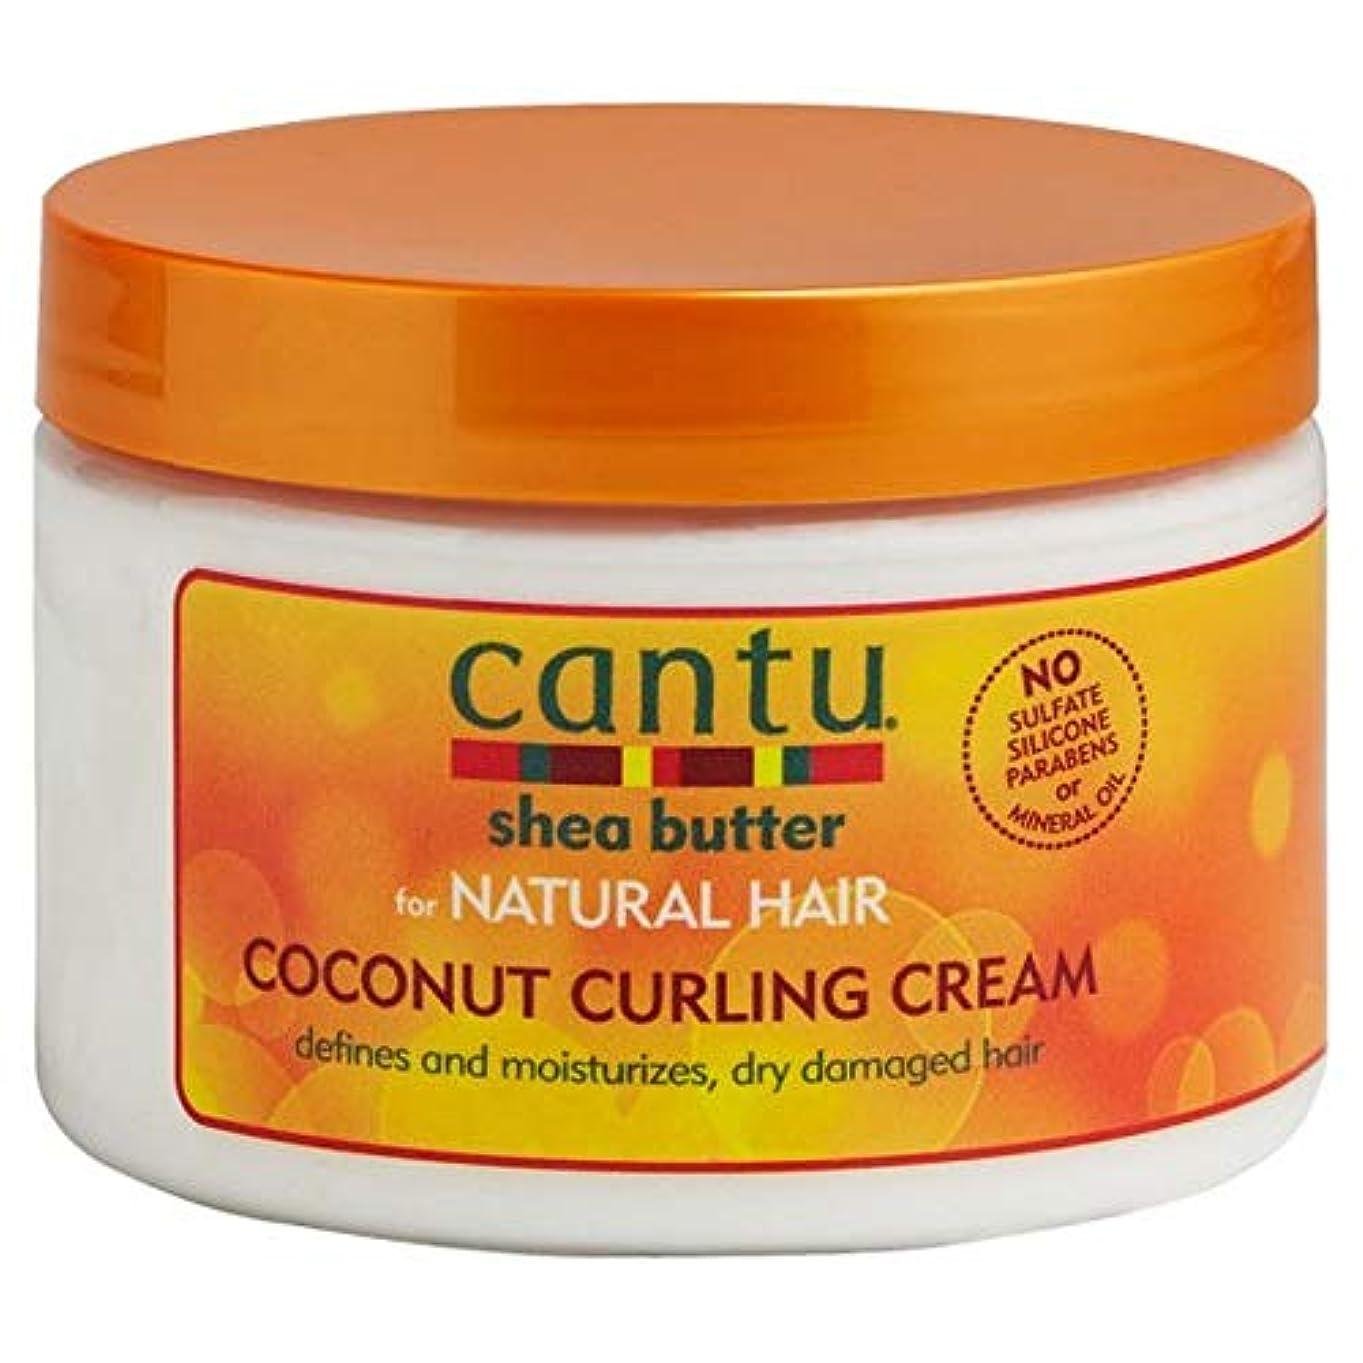 ハンドブック手術方向[Cantu] カントゥココナッツカーリングクリーム340グラム - Cantu Coconut Curling Cream 340G [並行輸入品]